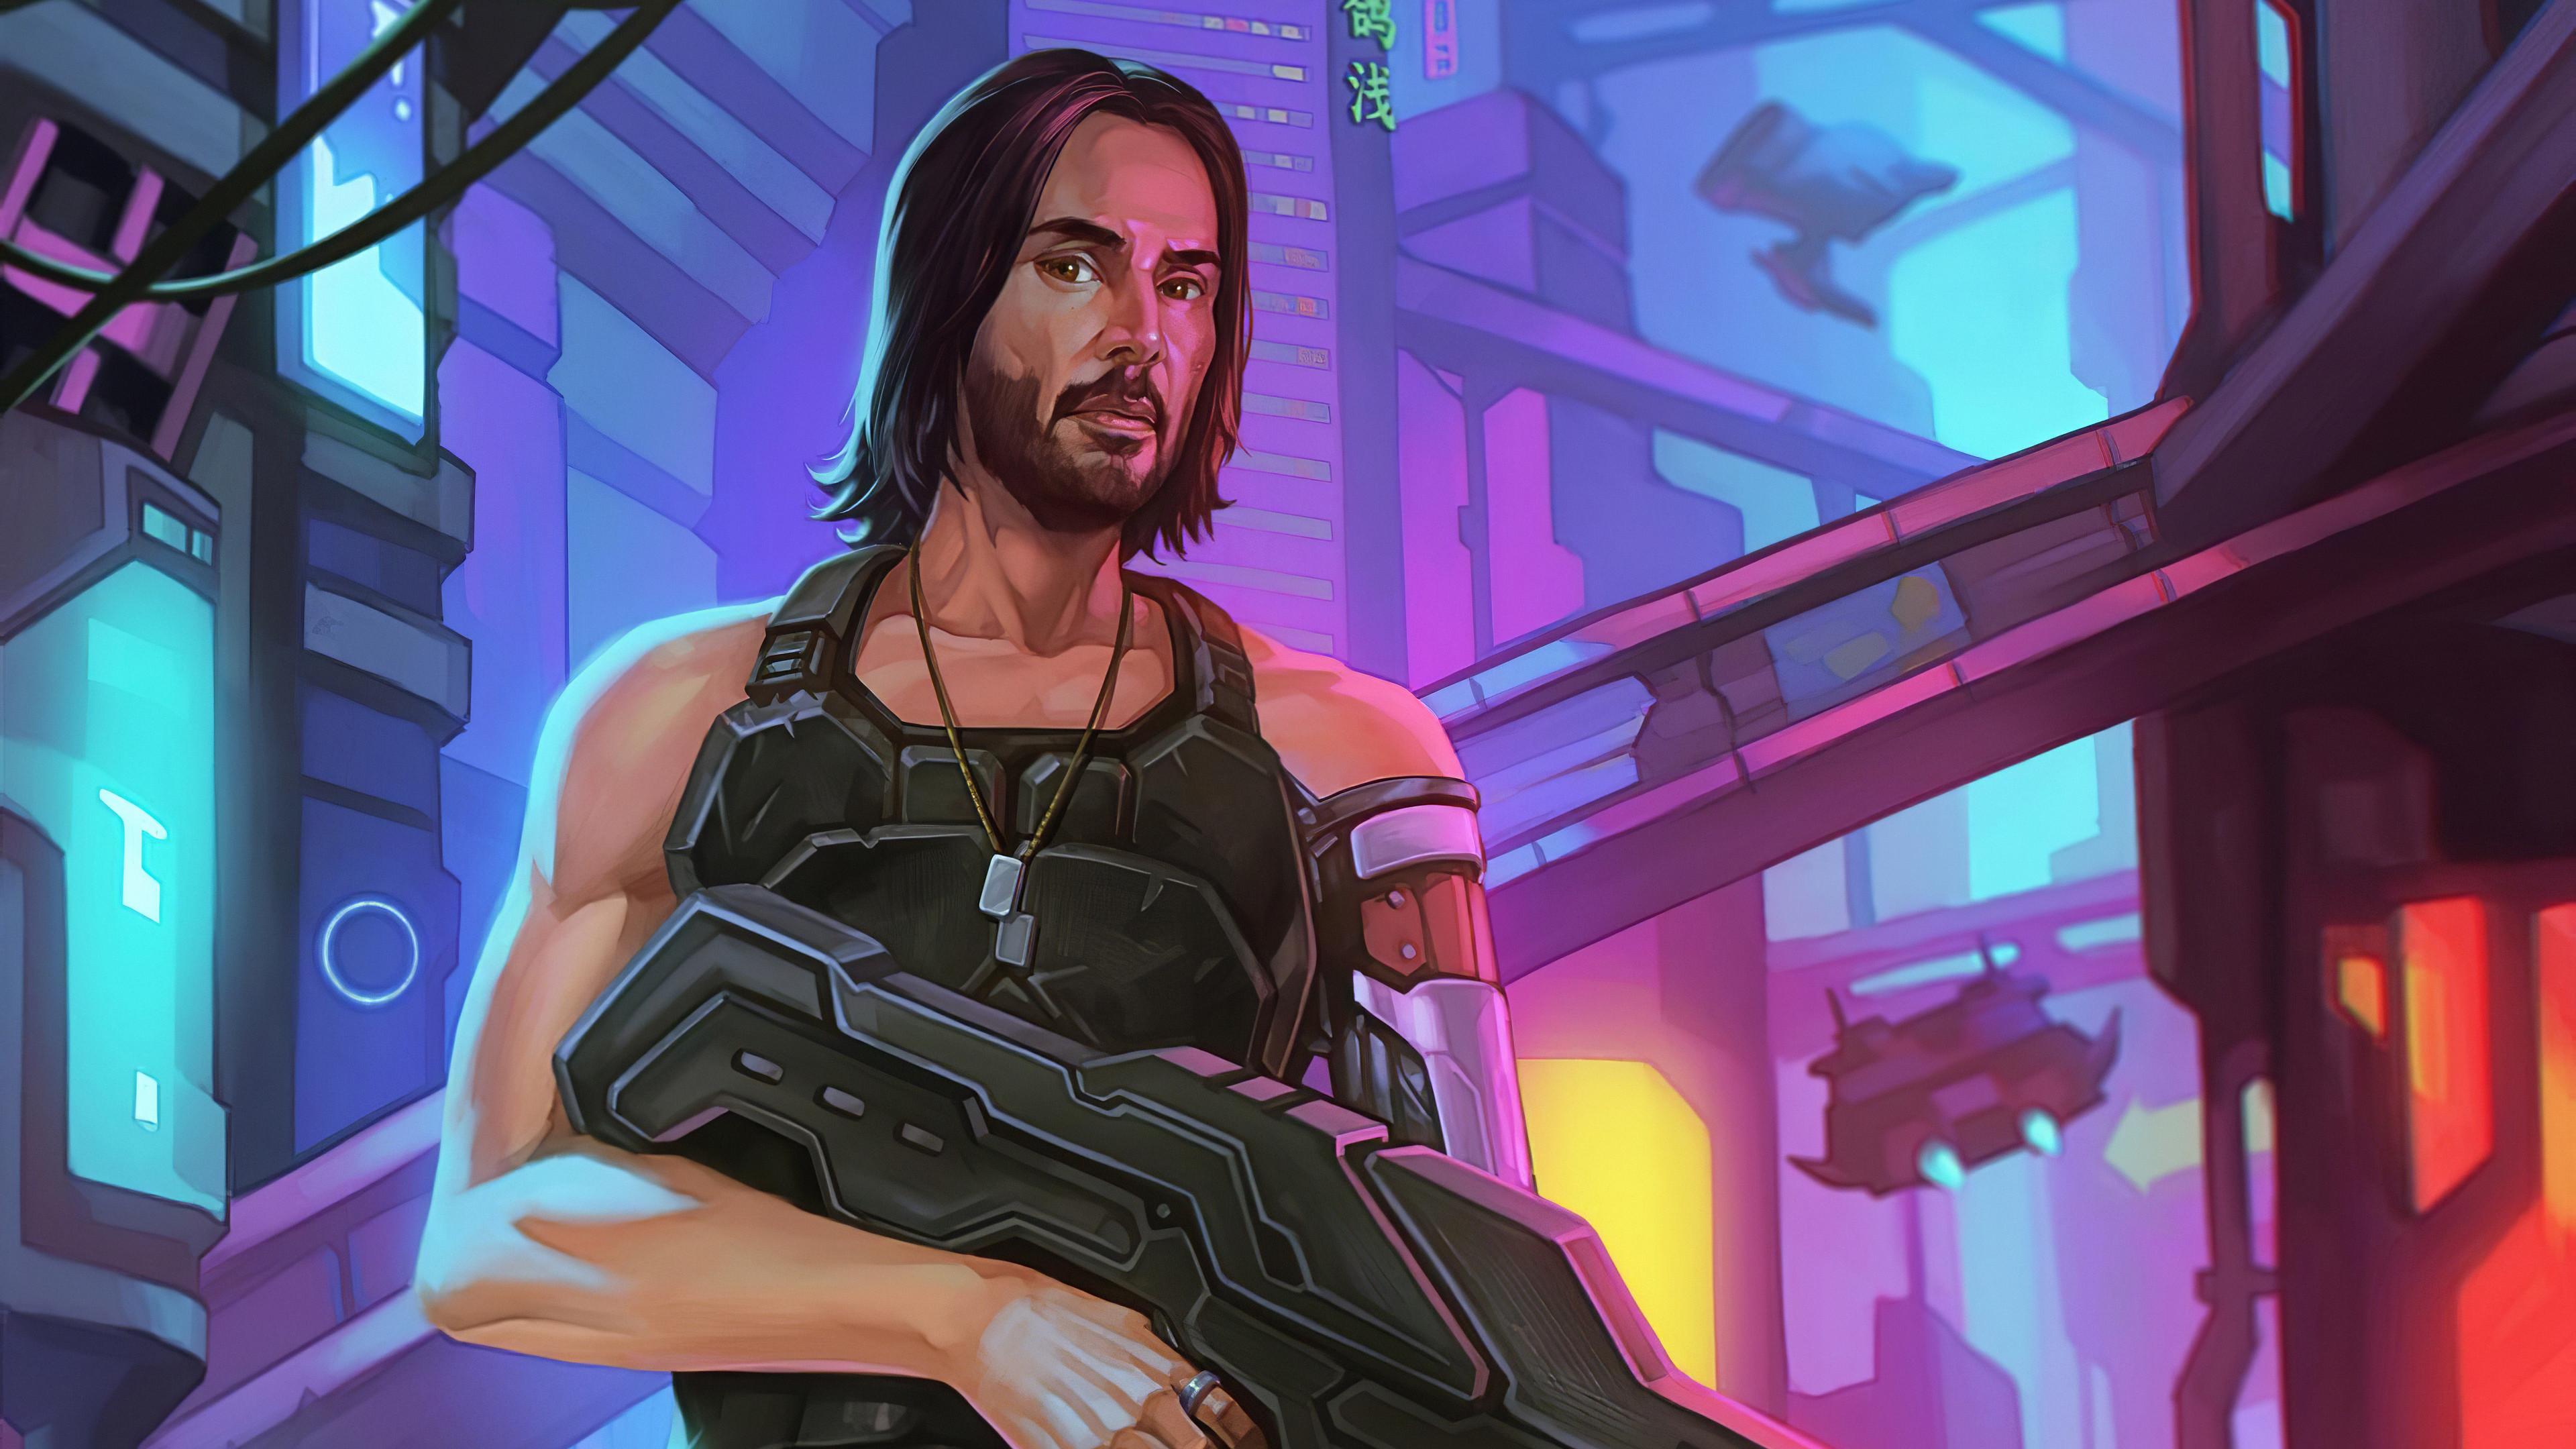 cyberpunk 2077 art 4k h7 3840x2160 1 - Cyberpunk 2077 Fan Art - Cyberpunk 2077 Fan Art 4k wallpaper